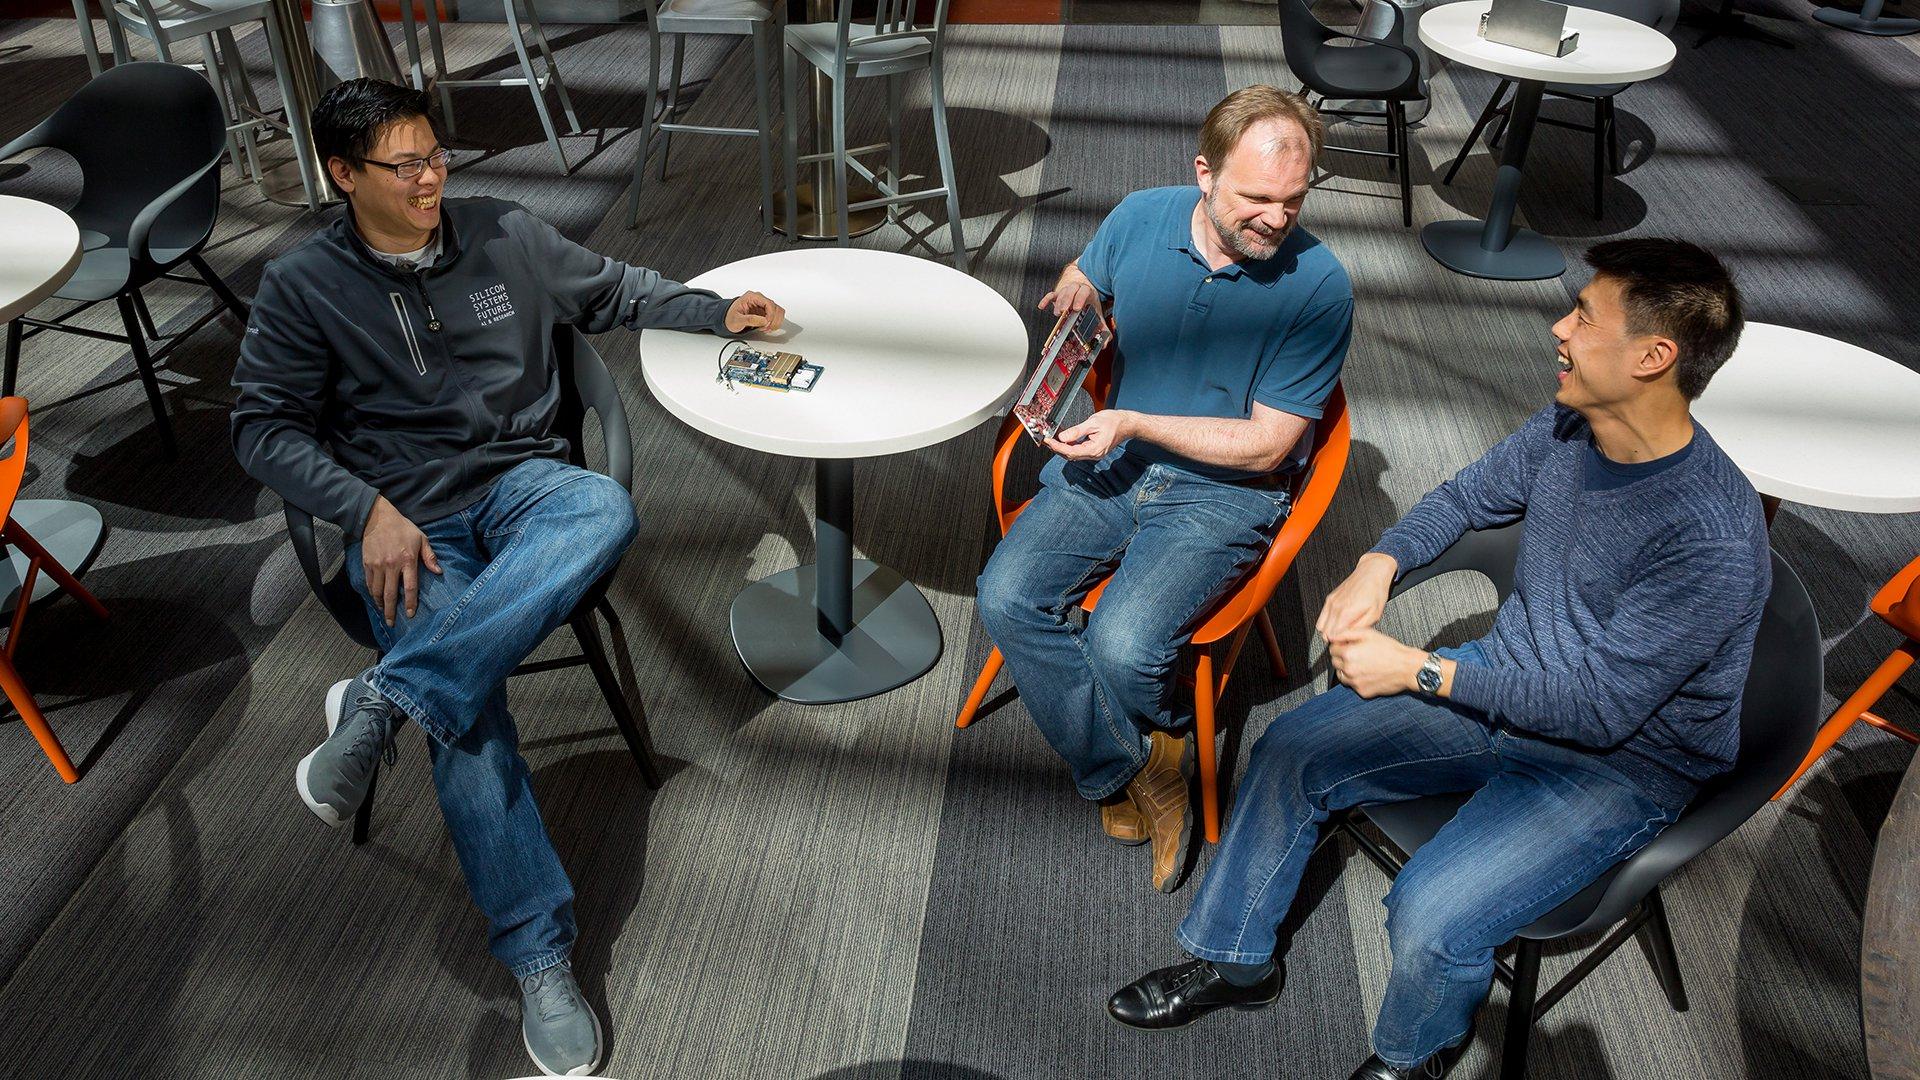 Слева направо: Эрик Чанг, старший исследователь Microsoft Silicon Systems Group, Стив Рейнхардт, менеджер по разработке оборудования Bing, и Тед Вэй, старший менеджер программ Azure Machine Learning, работают над Project Brainwave. Фото: Скотт Эклунд/Red Box Pictures.